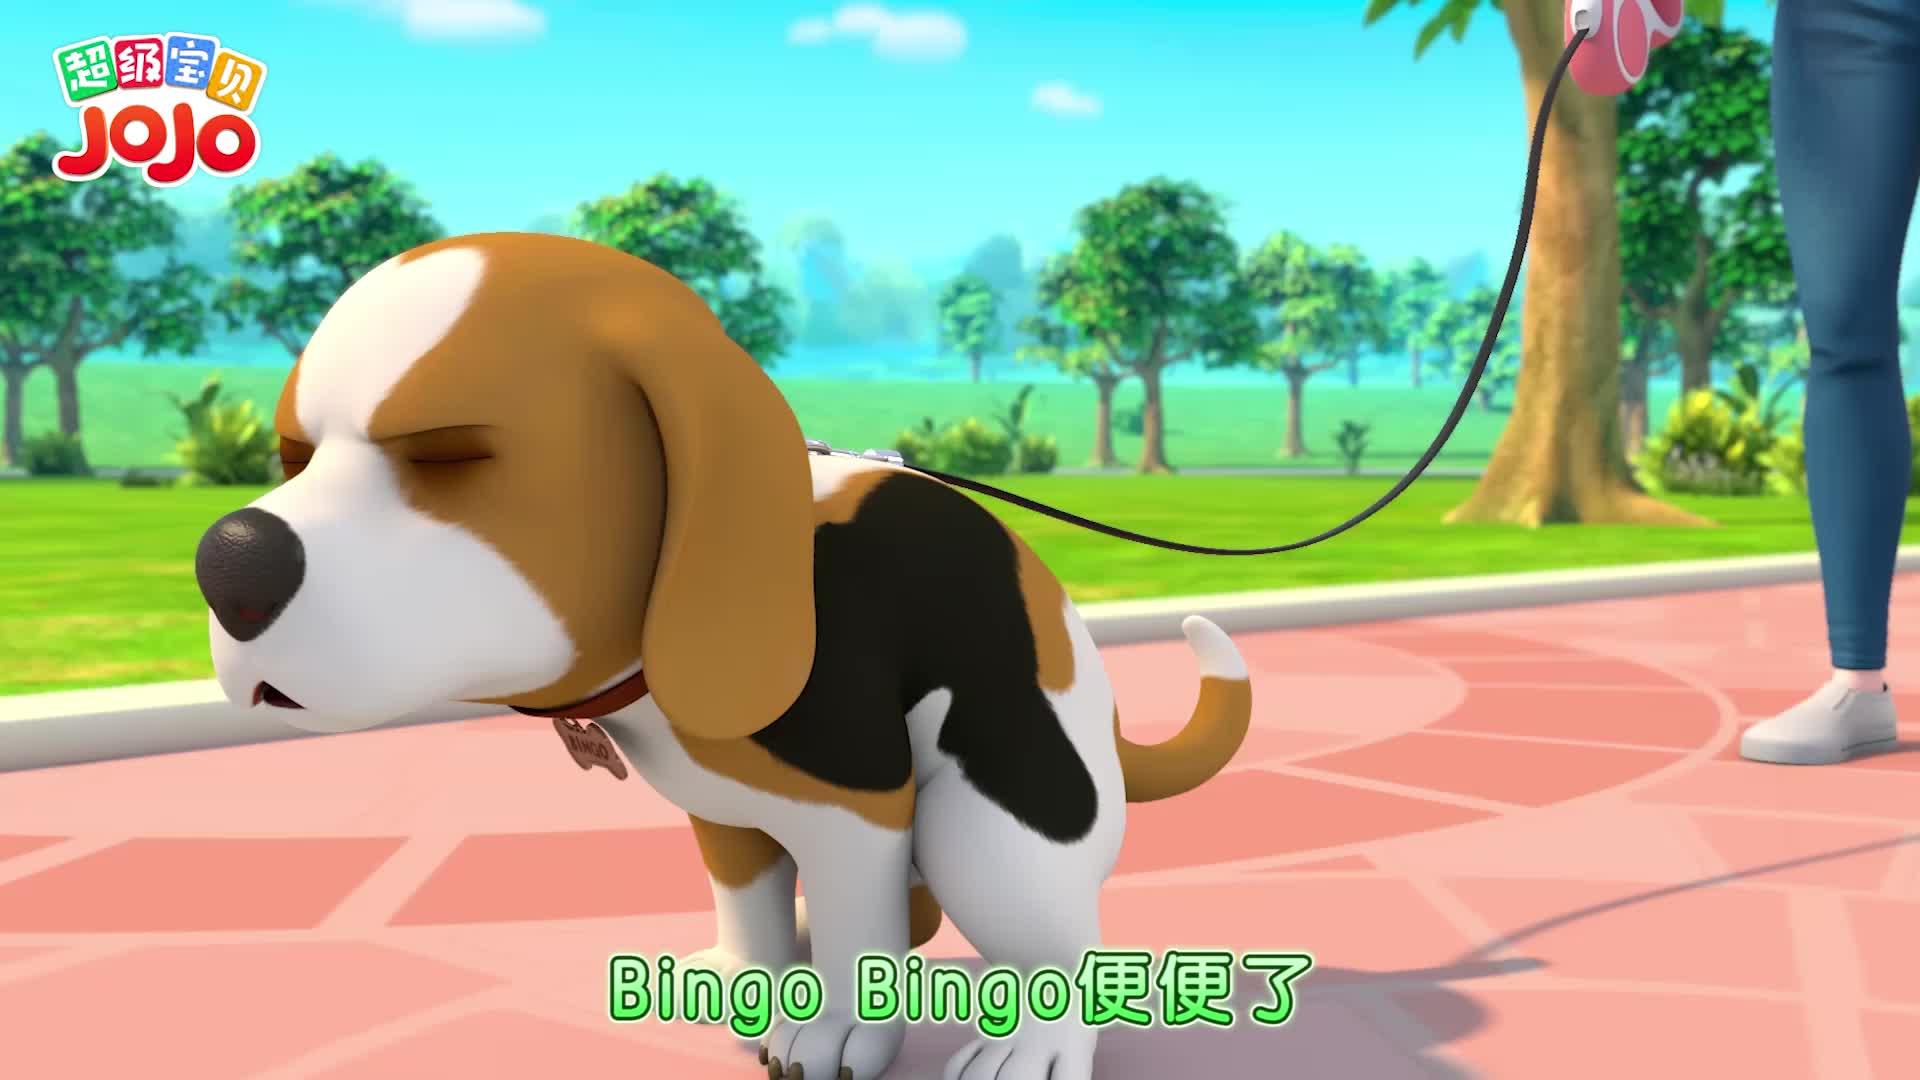 超级宝贝JOJO 第35集 宝宝与Bingo